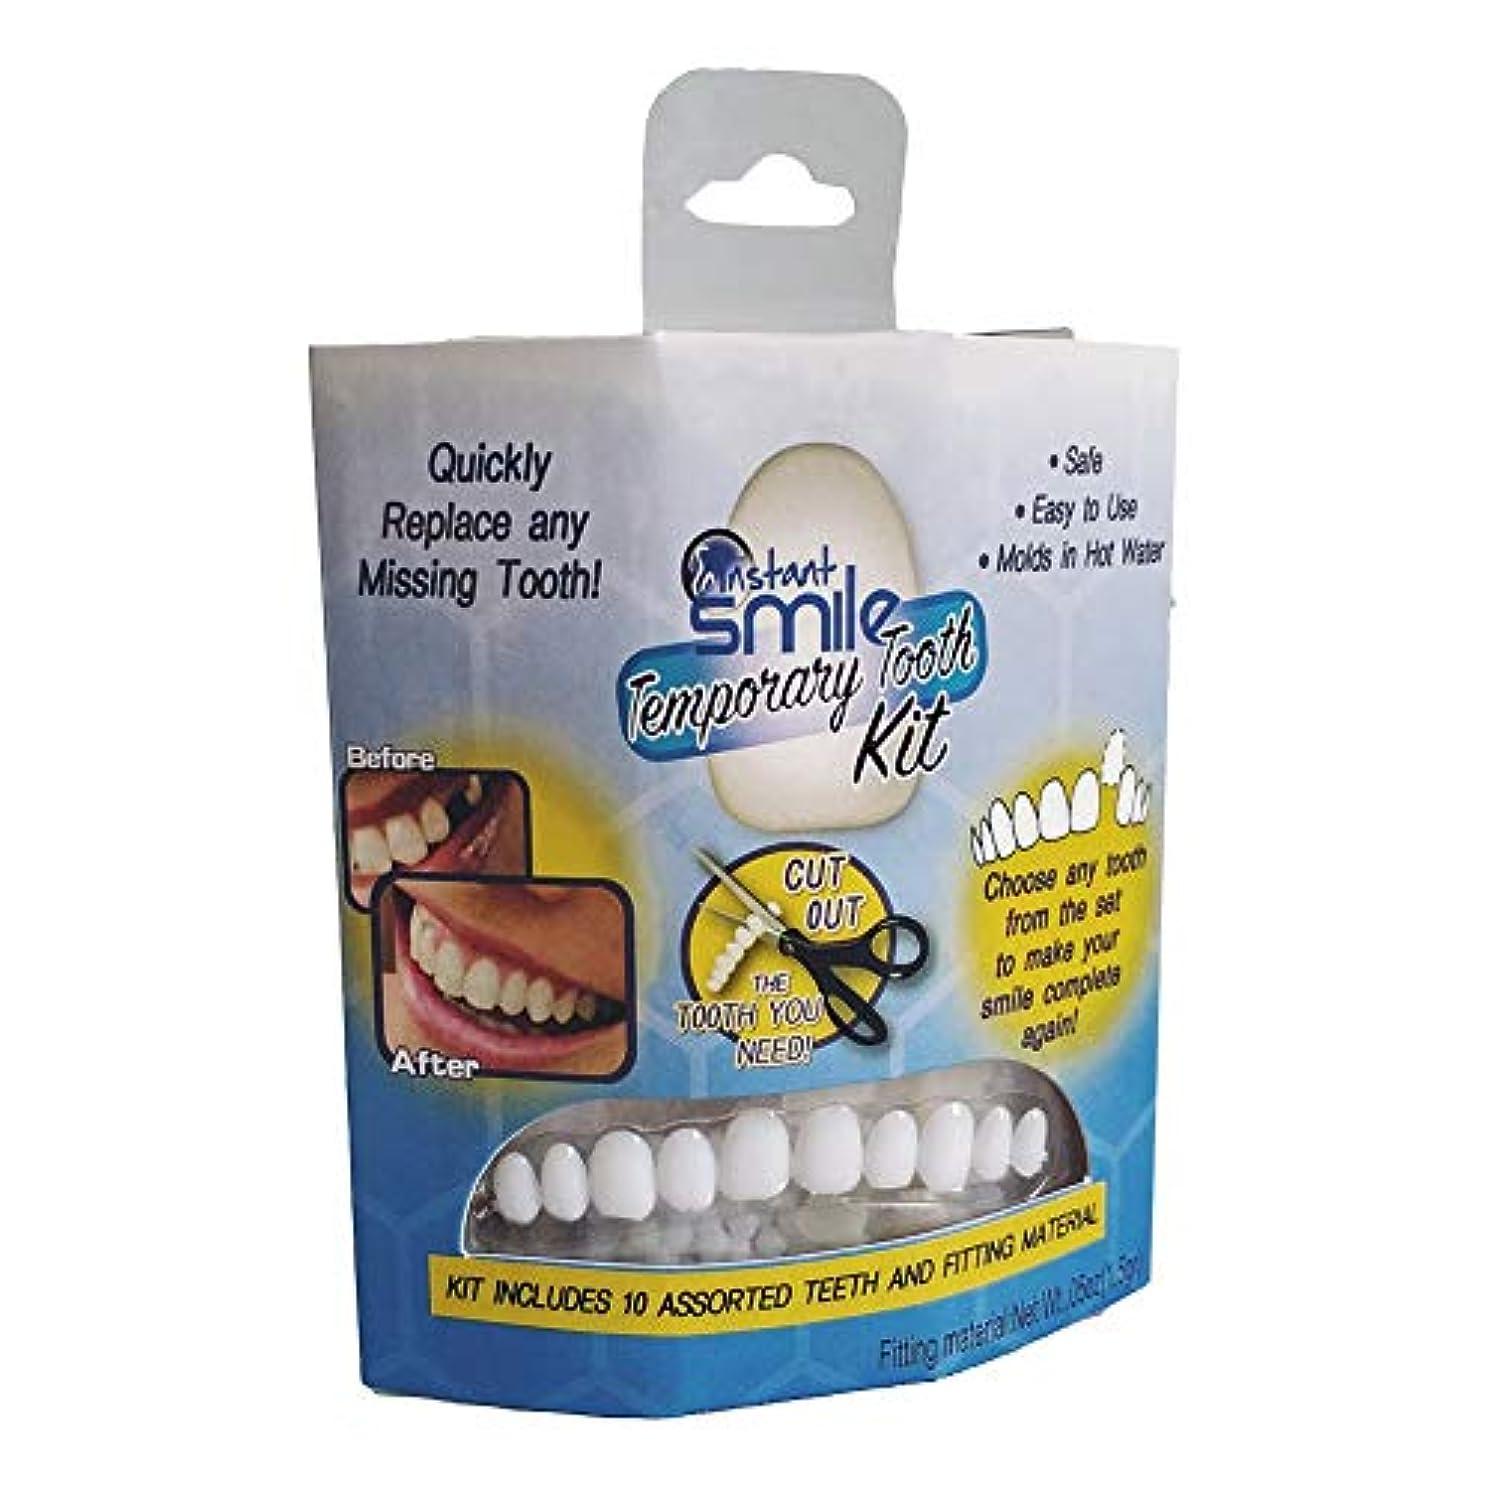 LITI 歯のソケット 美容義歯 入れ歯 歯のカバー テンポラリートゥースキット シリコーンのシミュレーションの歯科用義歯を白くする上下の歯の模擬装具 歯ホワイトニング 義歯貼り付け偽歯アッパー化粧品突き板